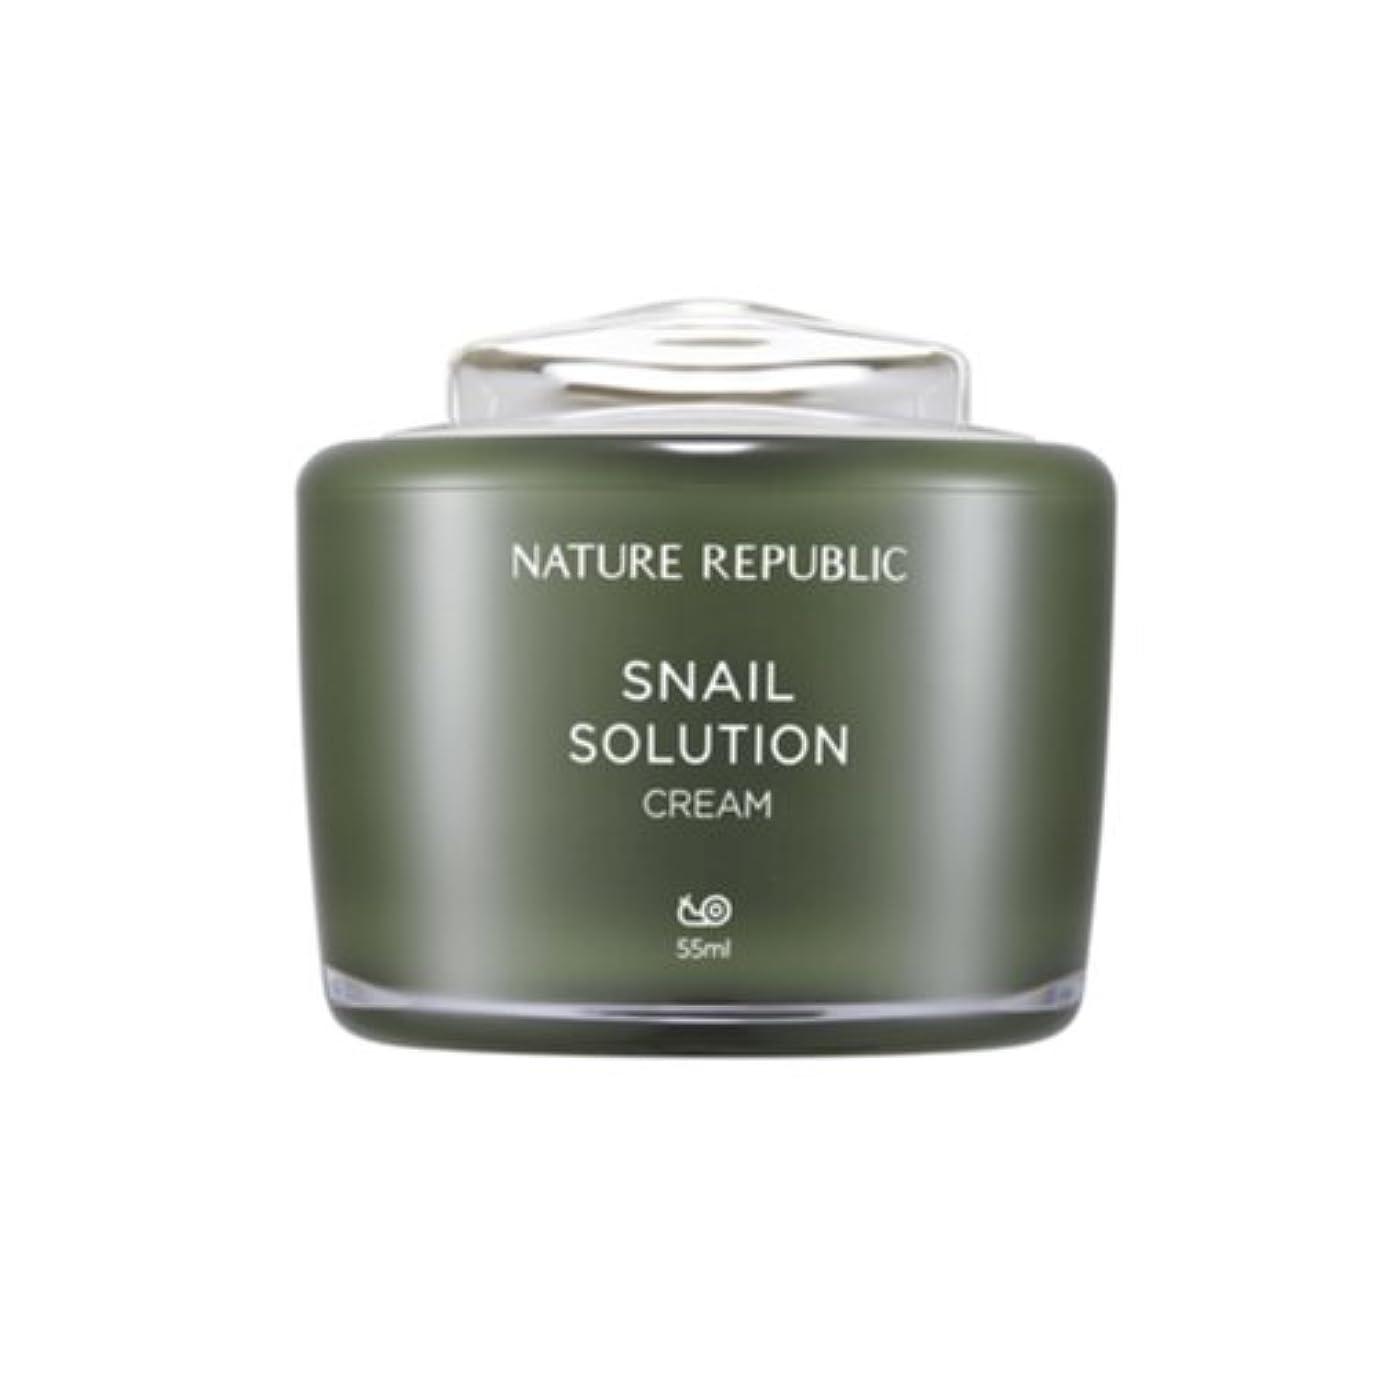 経験的全滅させる槍[ネイチャーリパブリック] Nature republicスネイルソリューションクリーム海外直送品(Snail Solution Cream) [並行輸入品]